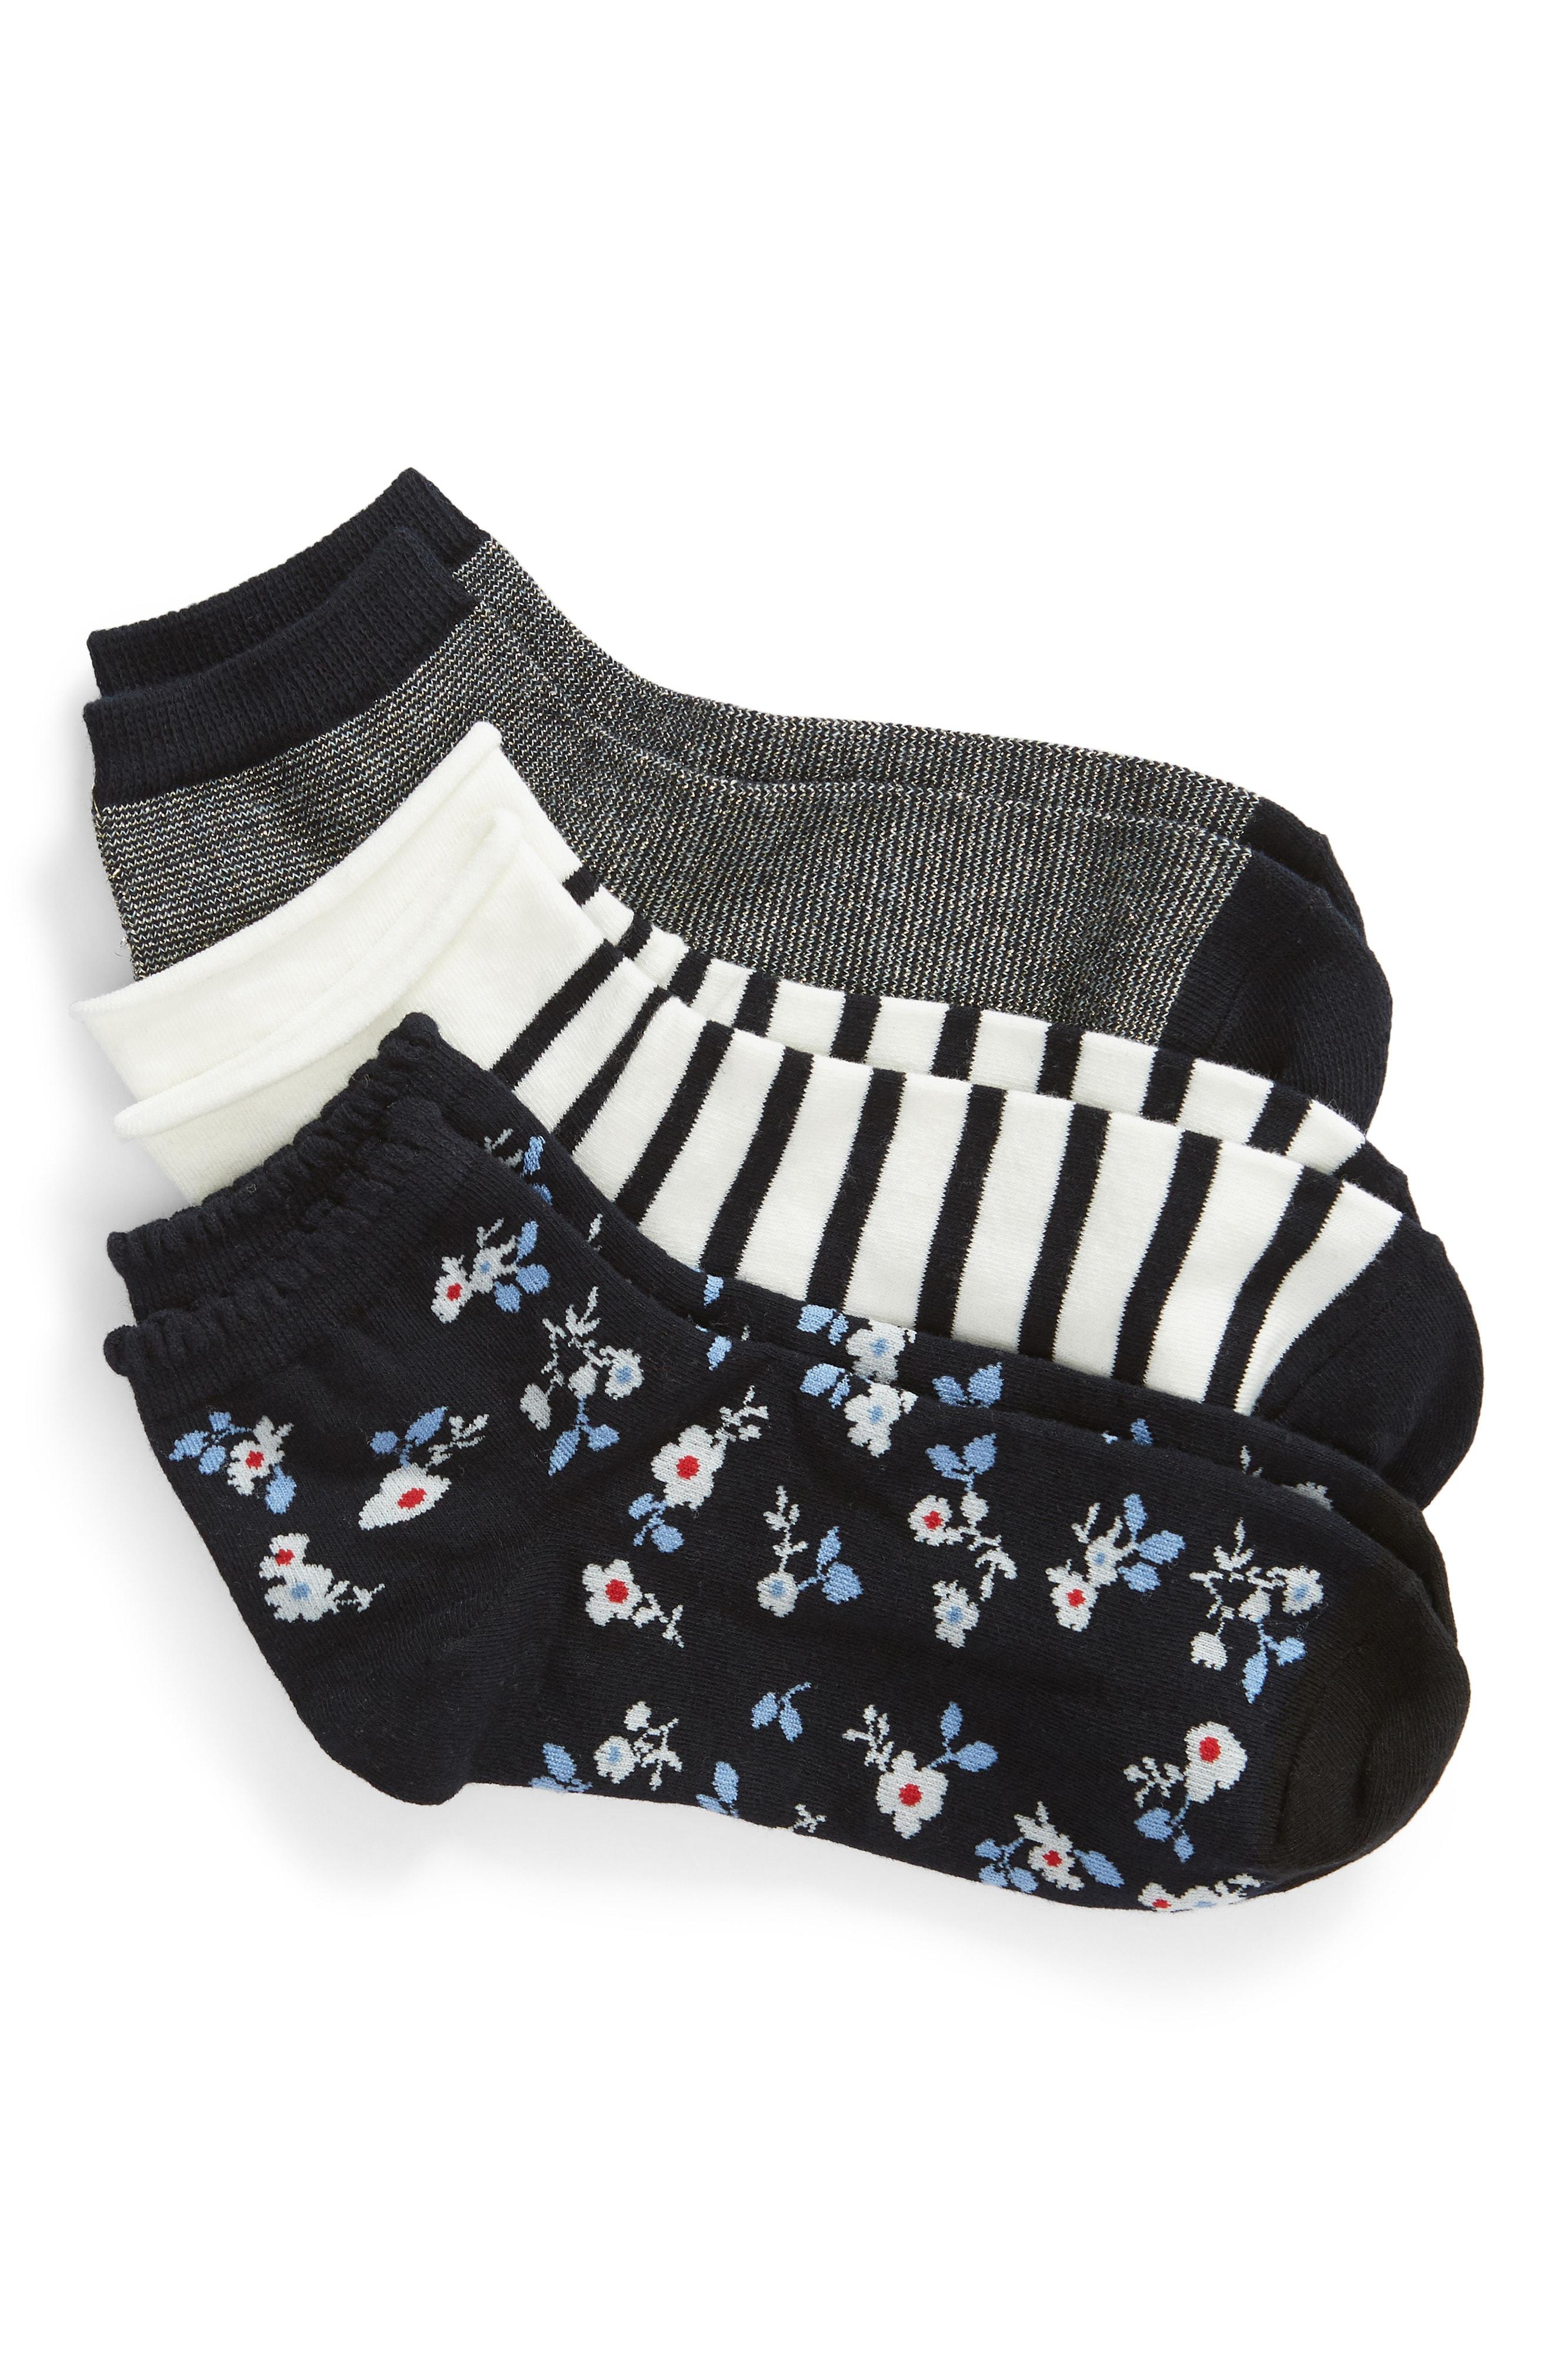 kate spade new york 3-pack anklet socks